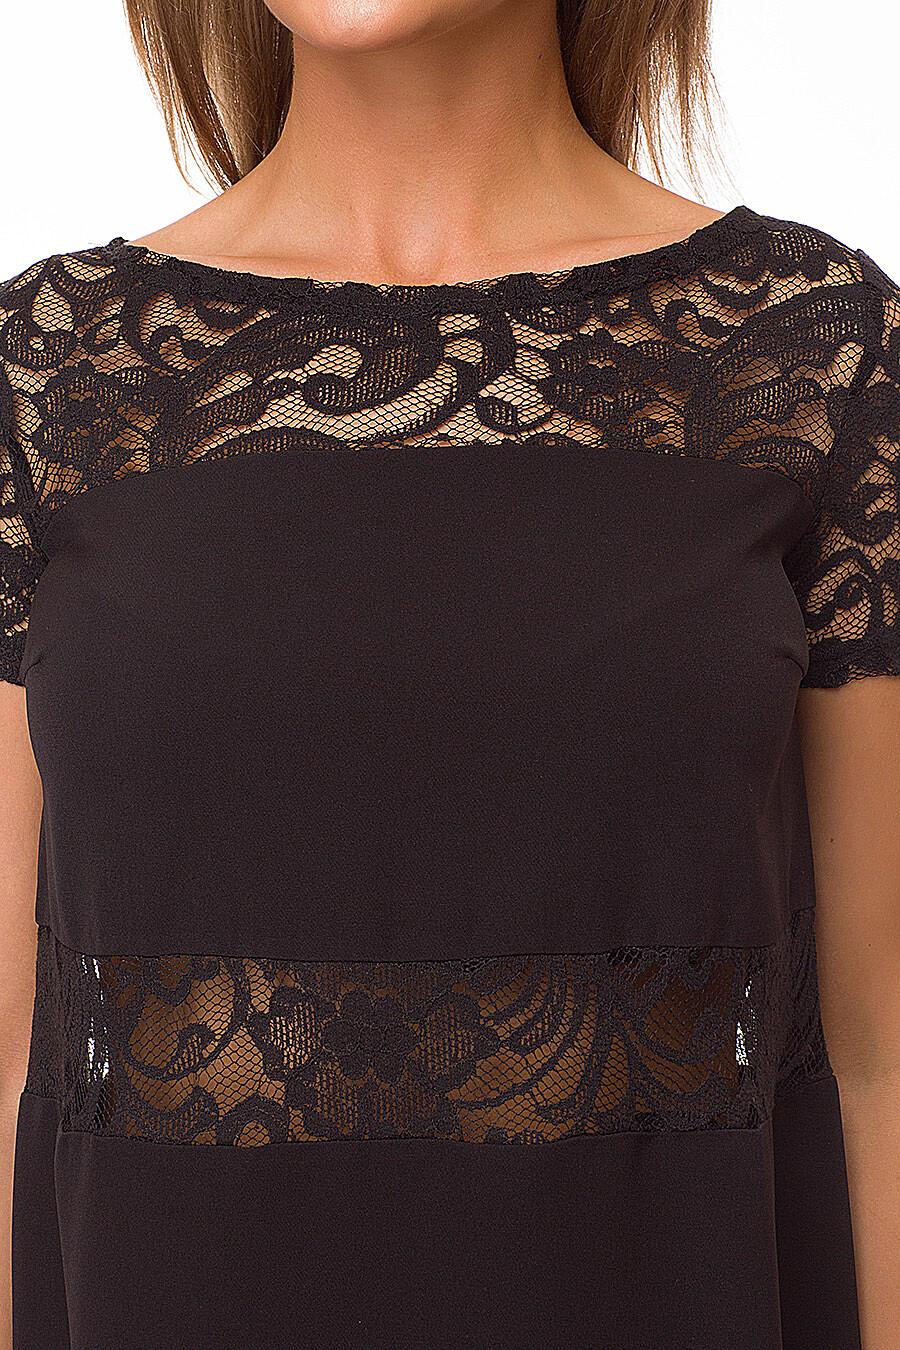 Платье LA VIA ESTELAR (86346), купить в Moyo.moda